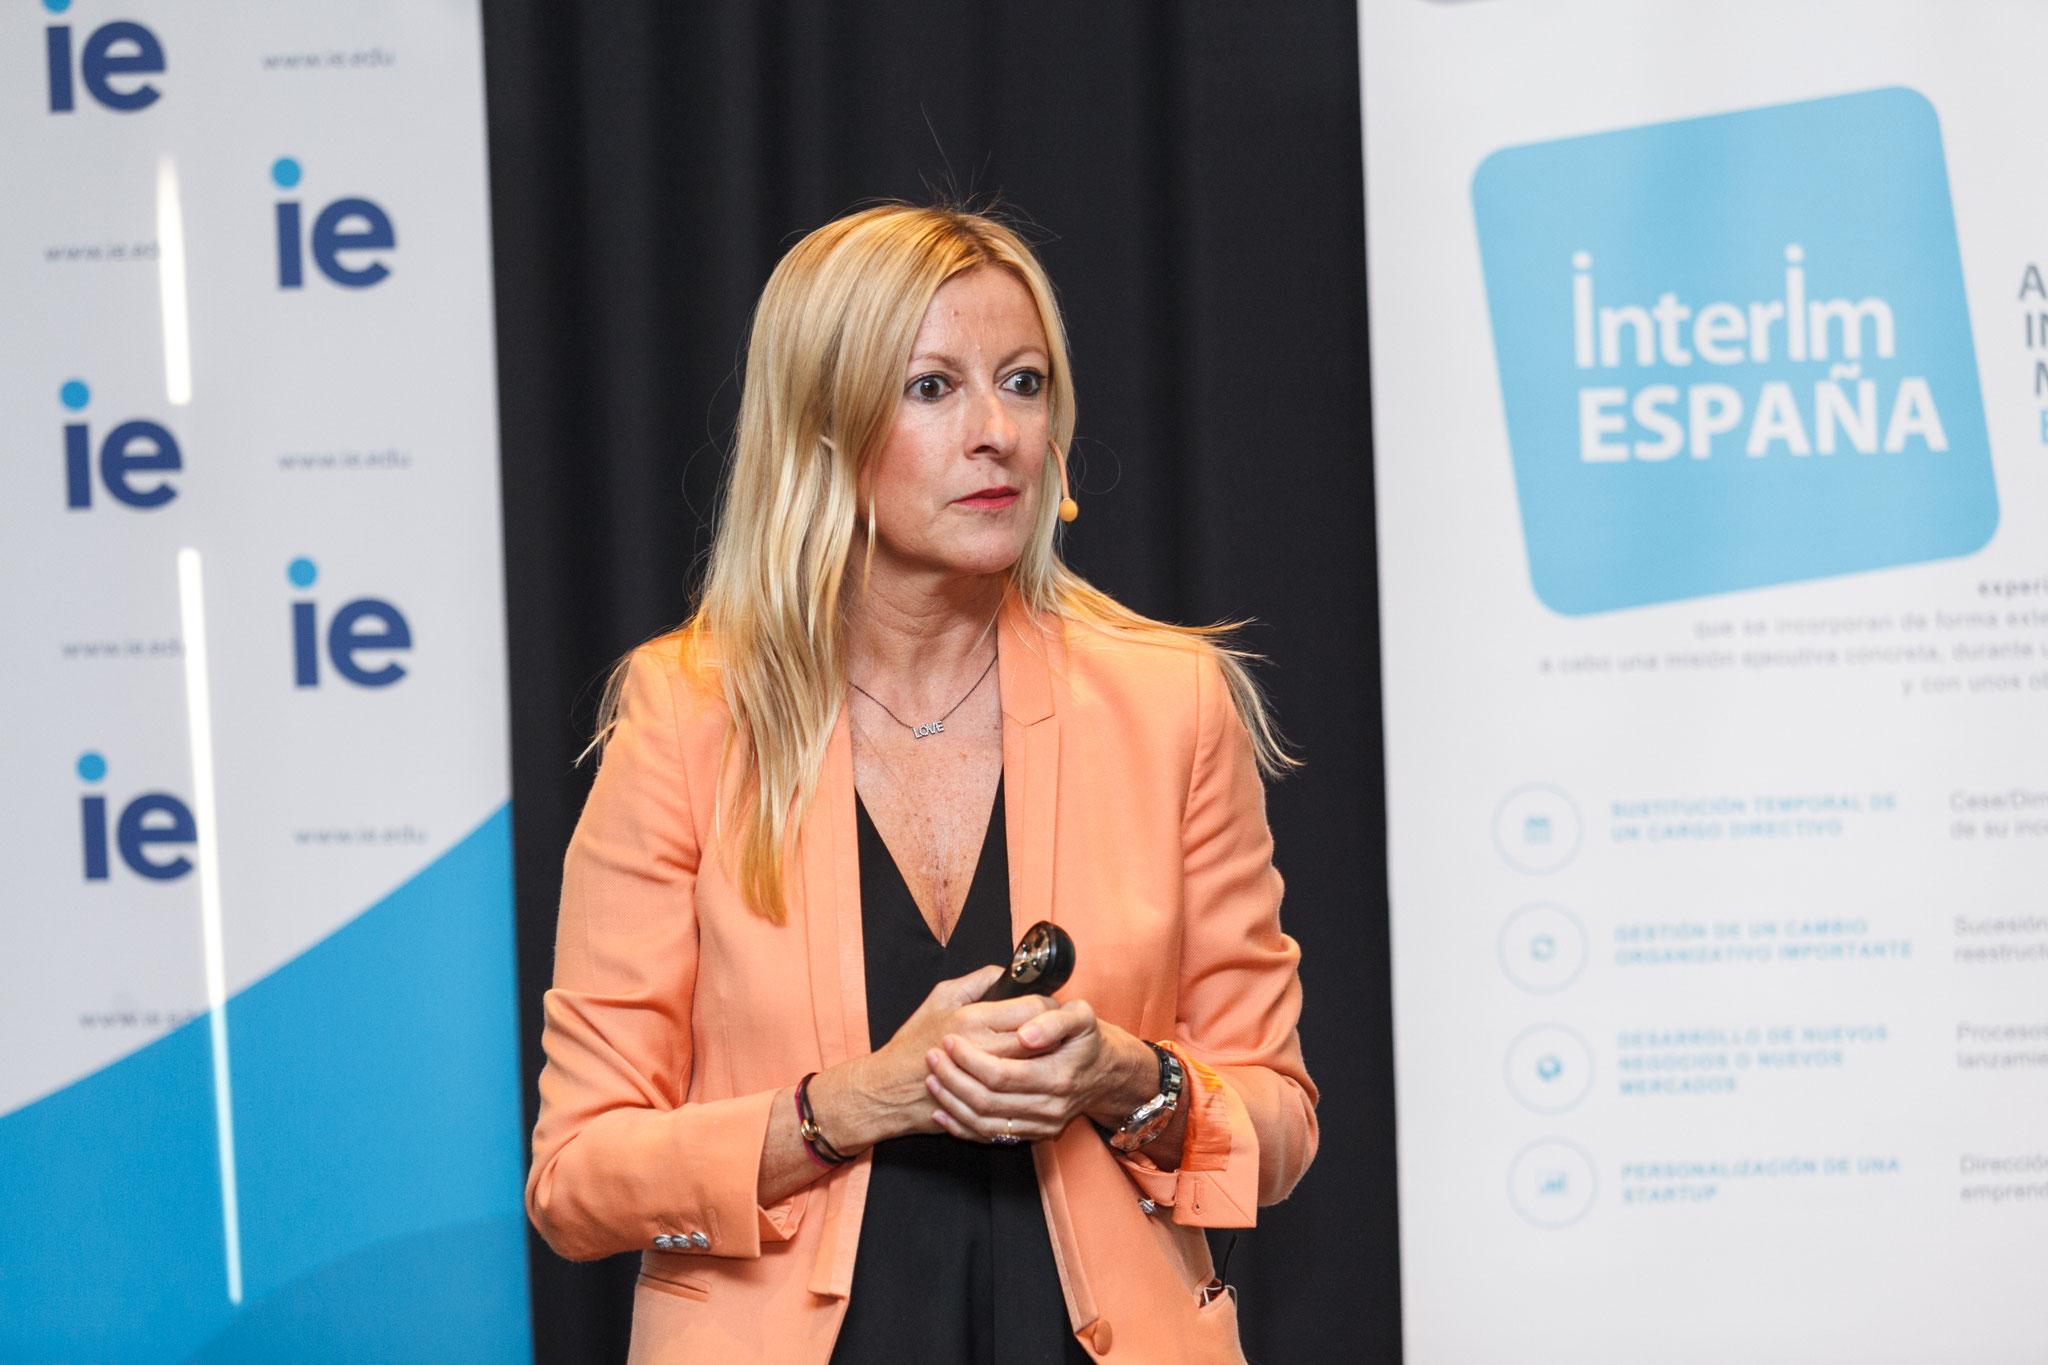 KNOWMAD: El Futuro del Talento es una cuestión de Actitud |María García - IE Business School